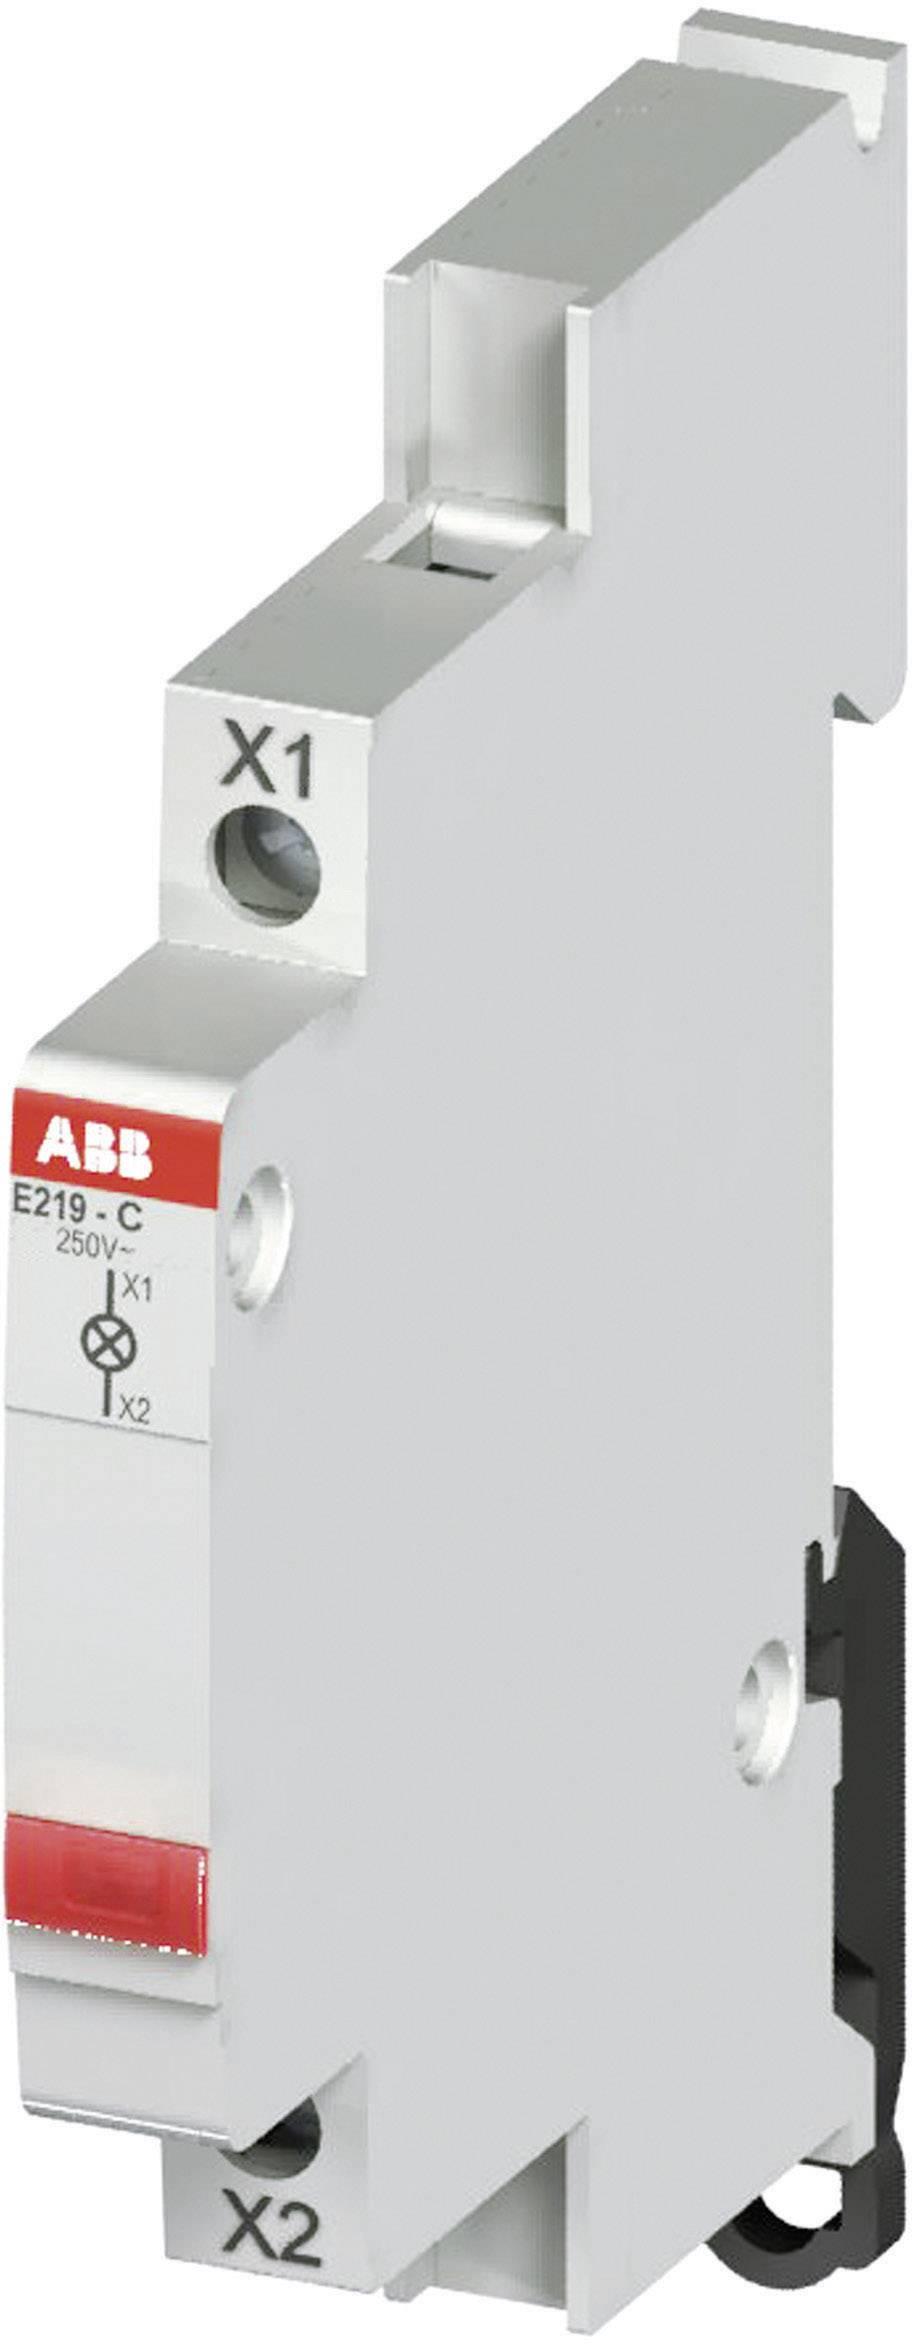 Kontrolka ABB na DIN lištu, 115/250 V, modrá LED, 2CCA703404R0001